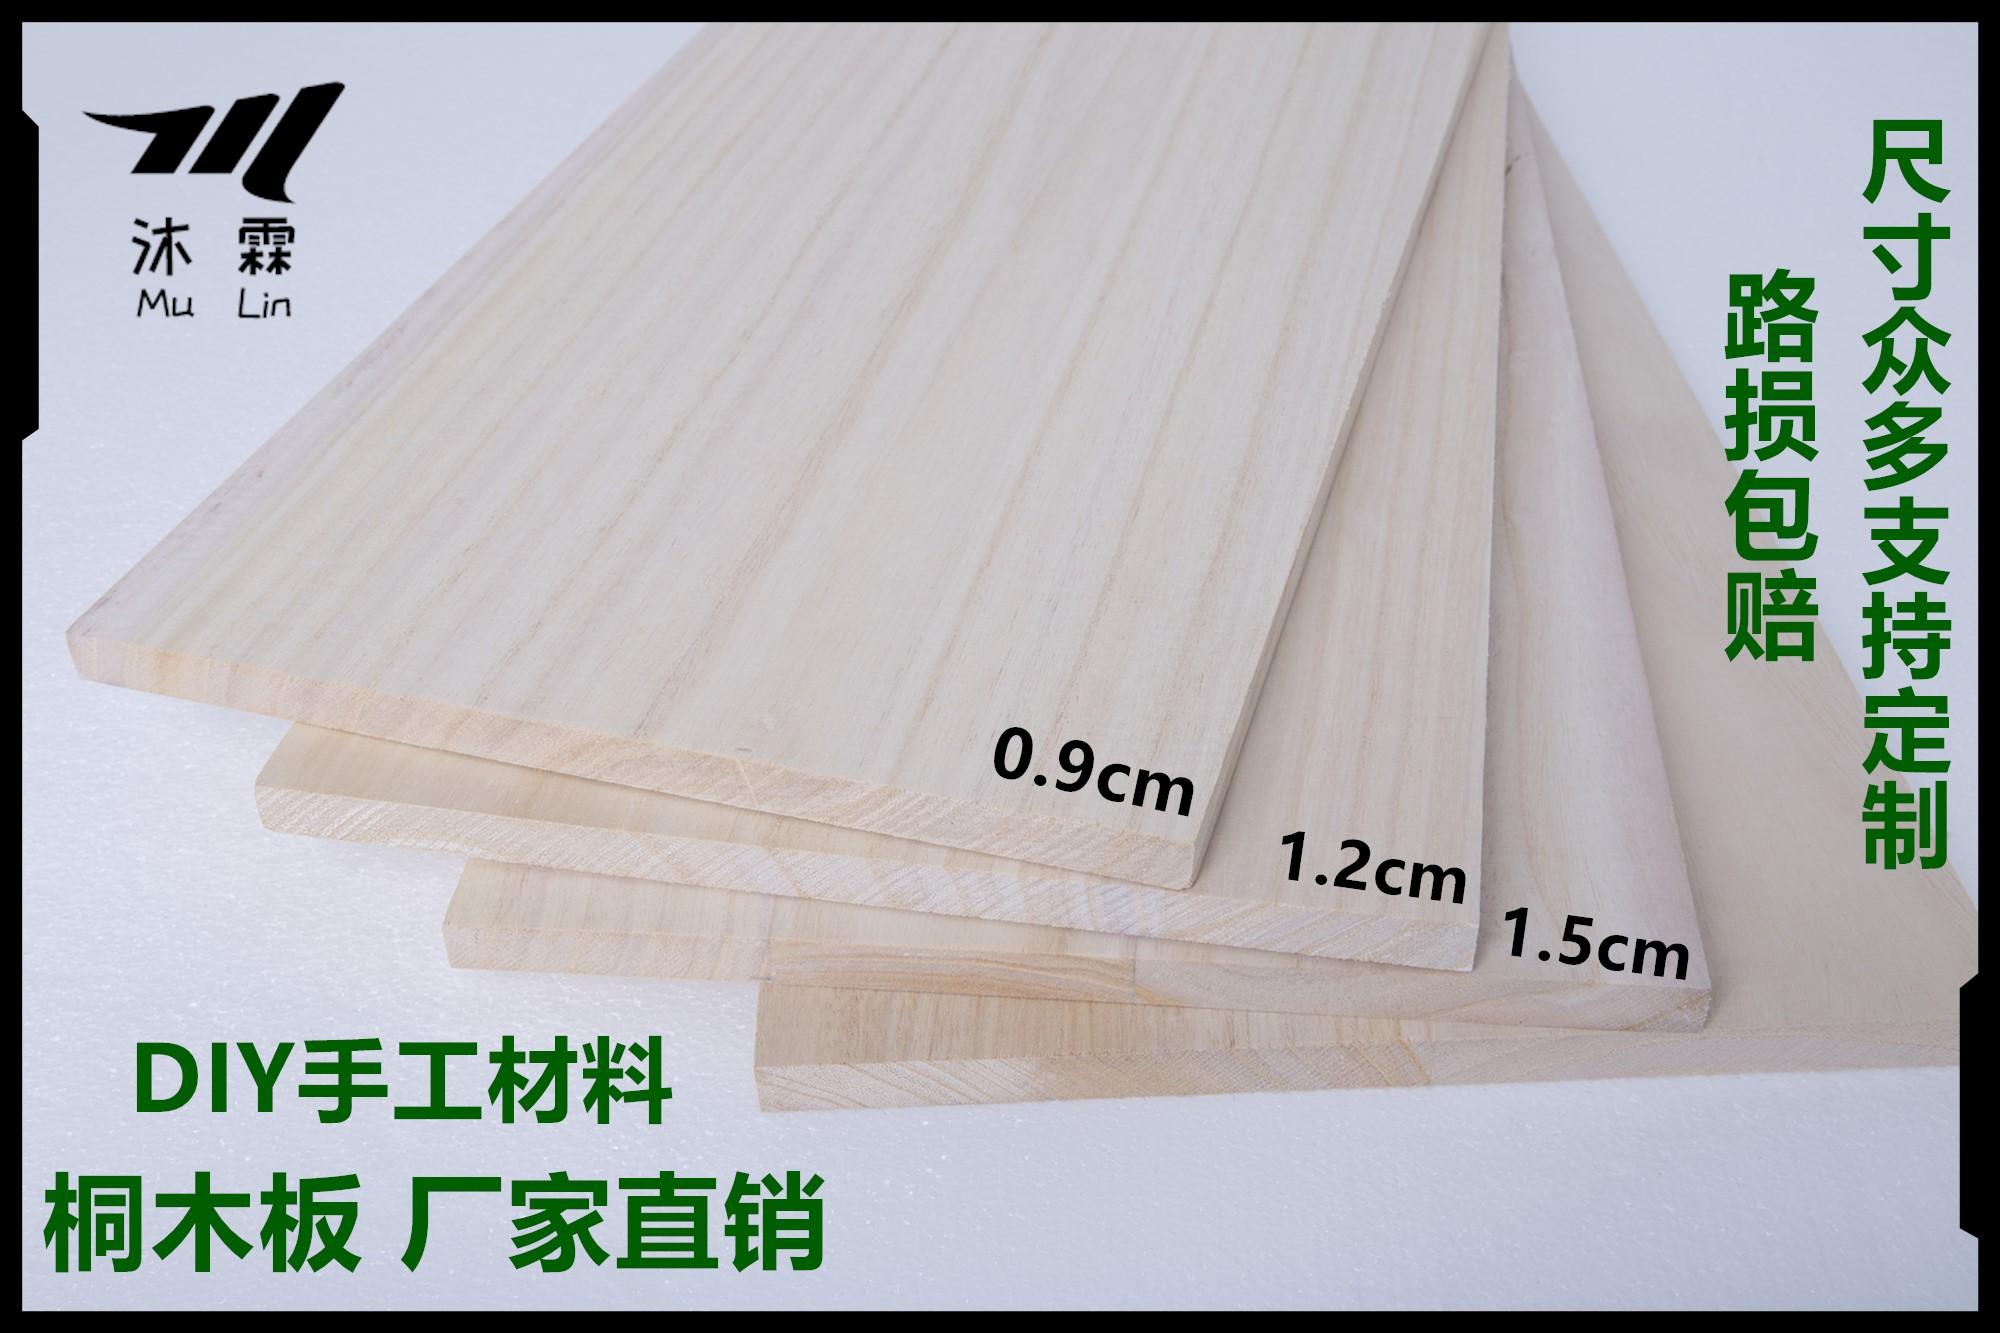 实木板定制定做材料桐木板片0.91.21.5cm隔板装修diy模型木板材料